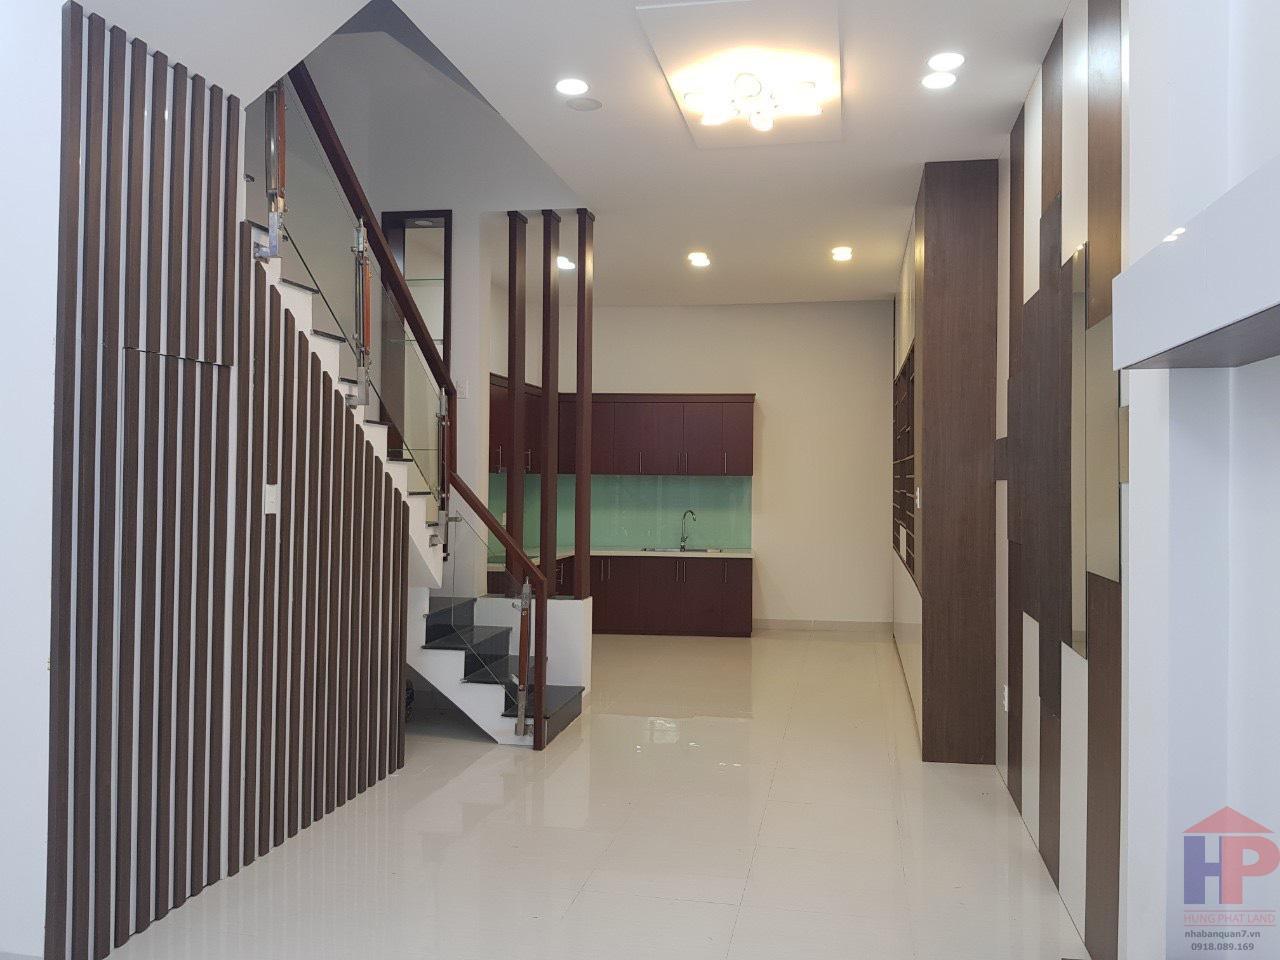 Bán nhà hẻm Vườn Điều, Đường số 27, Phường Tân Quy DT 4.3x12 Giá 7.1 tỷ LH 0909477288